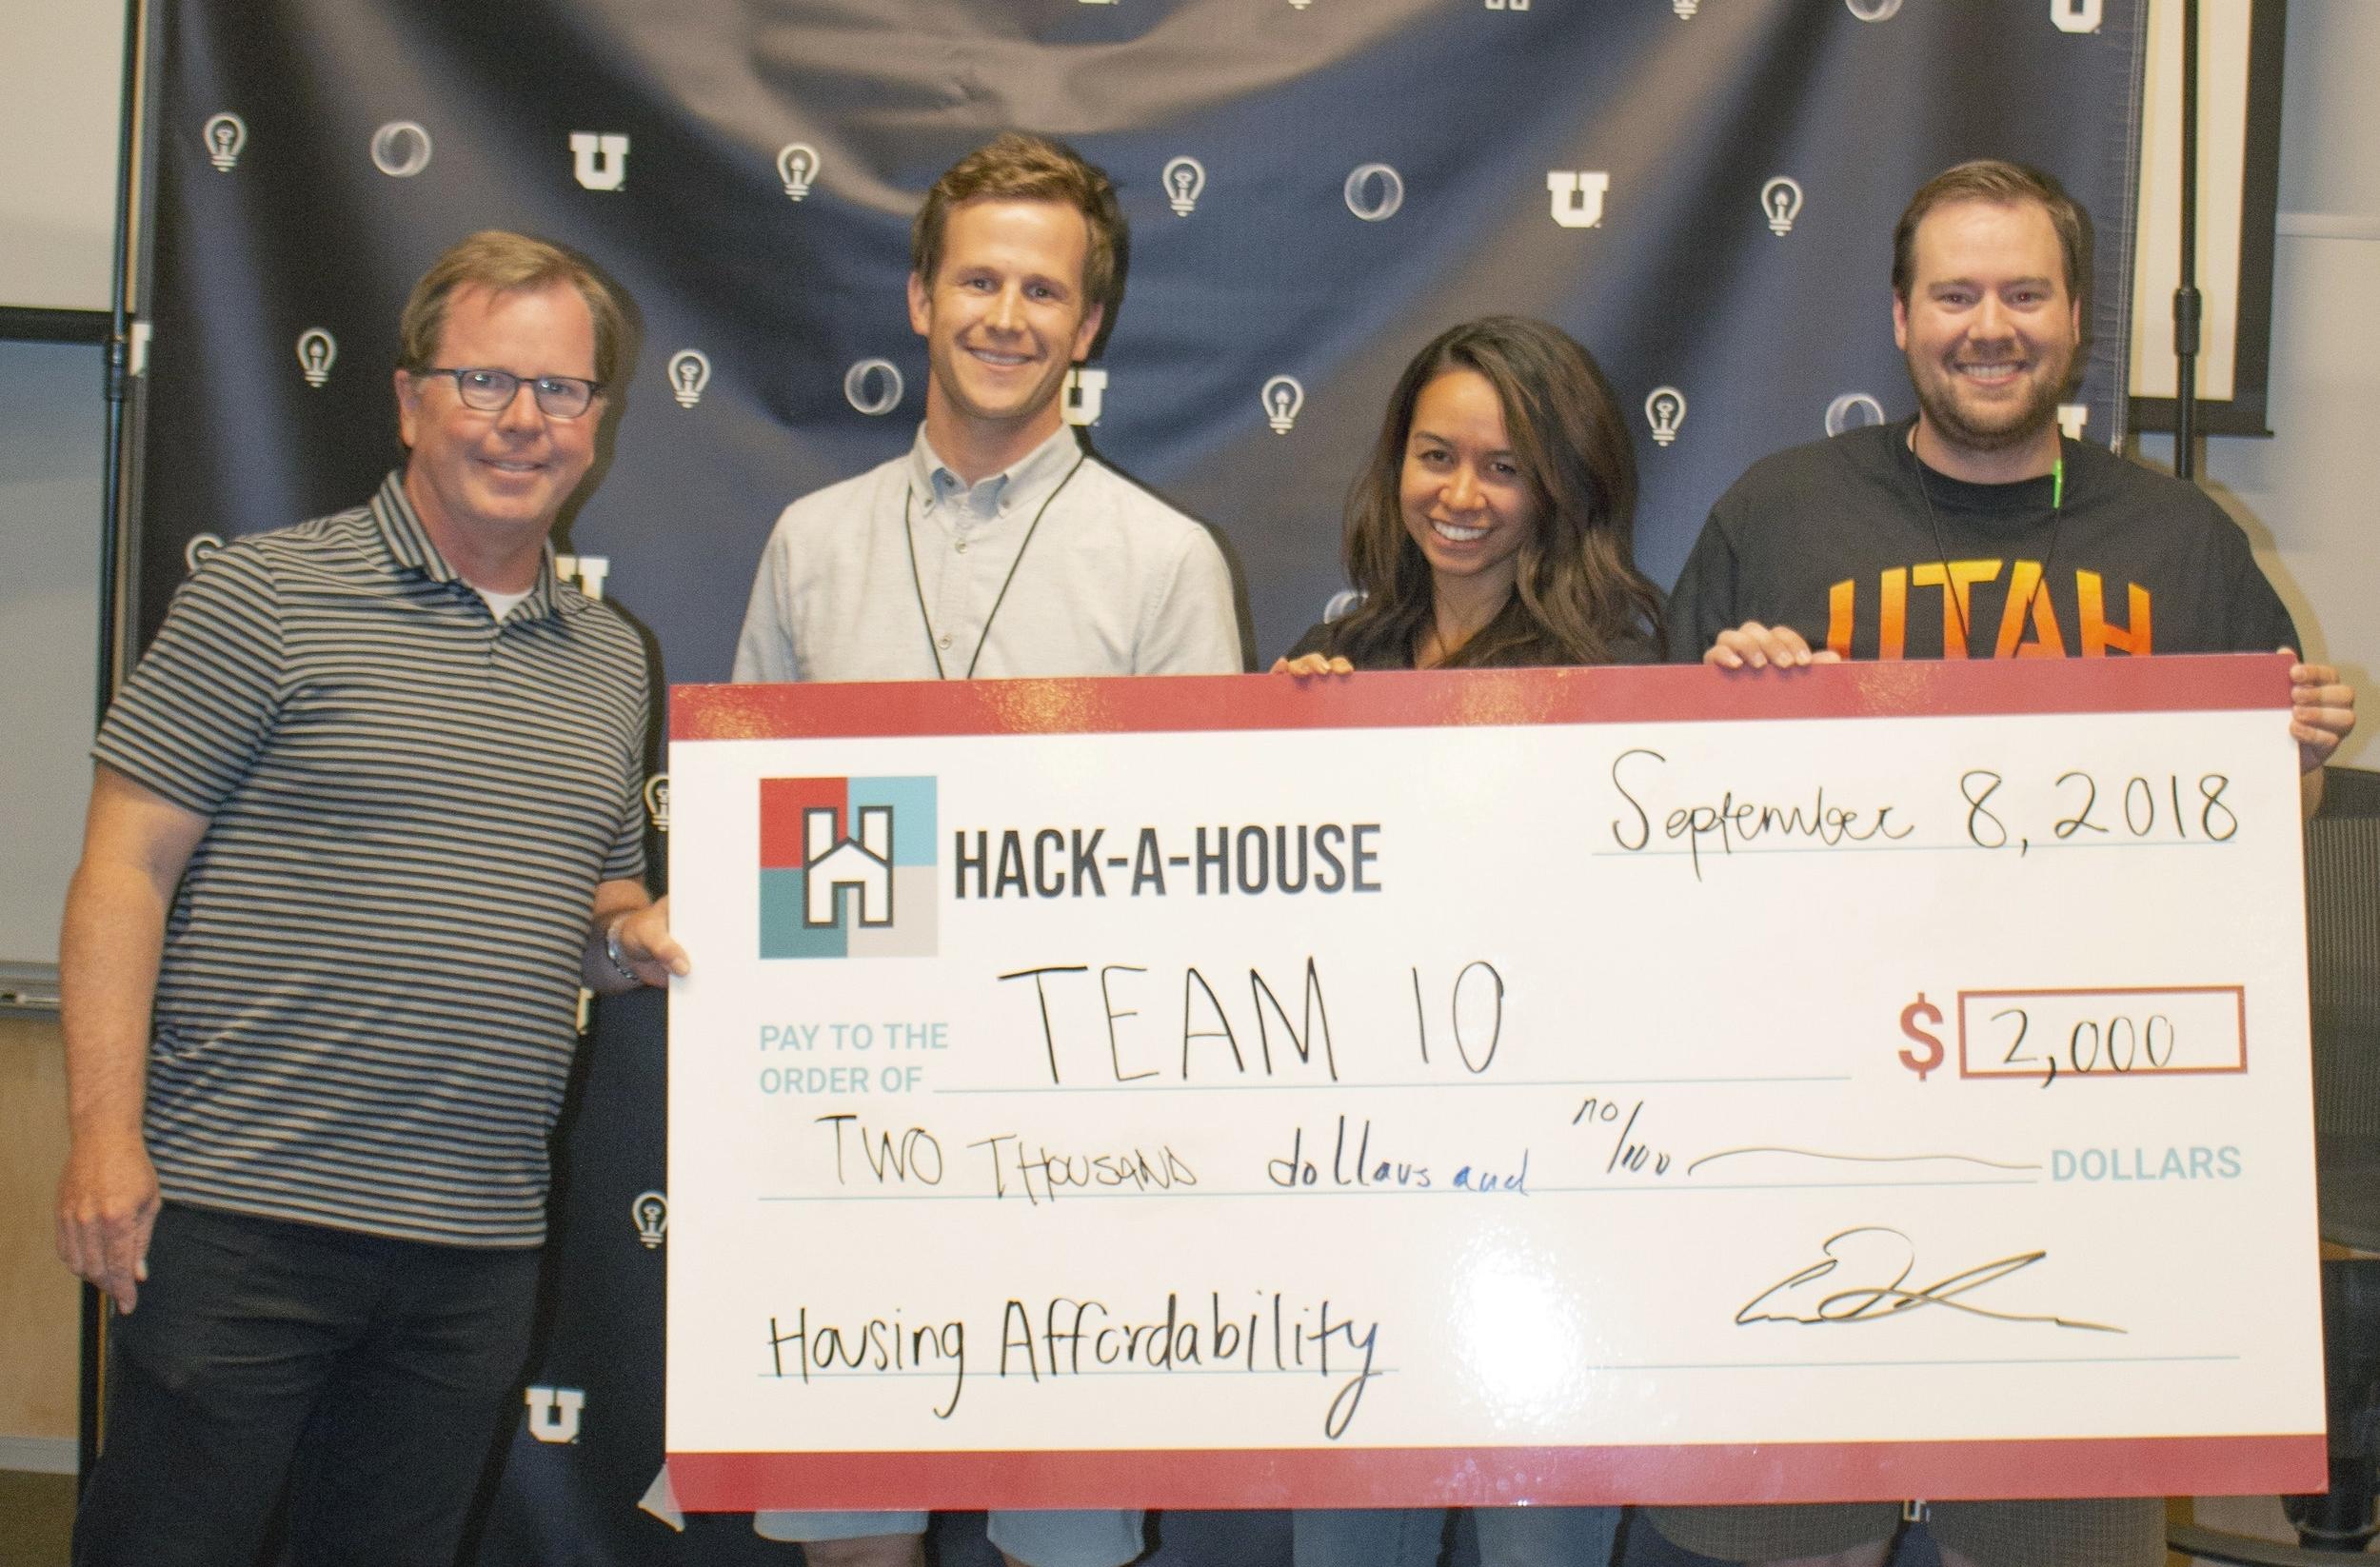 Meet Our 2018 Winners - University of Utah Hack-A-House 2018